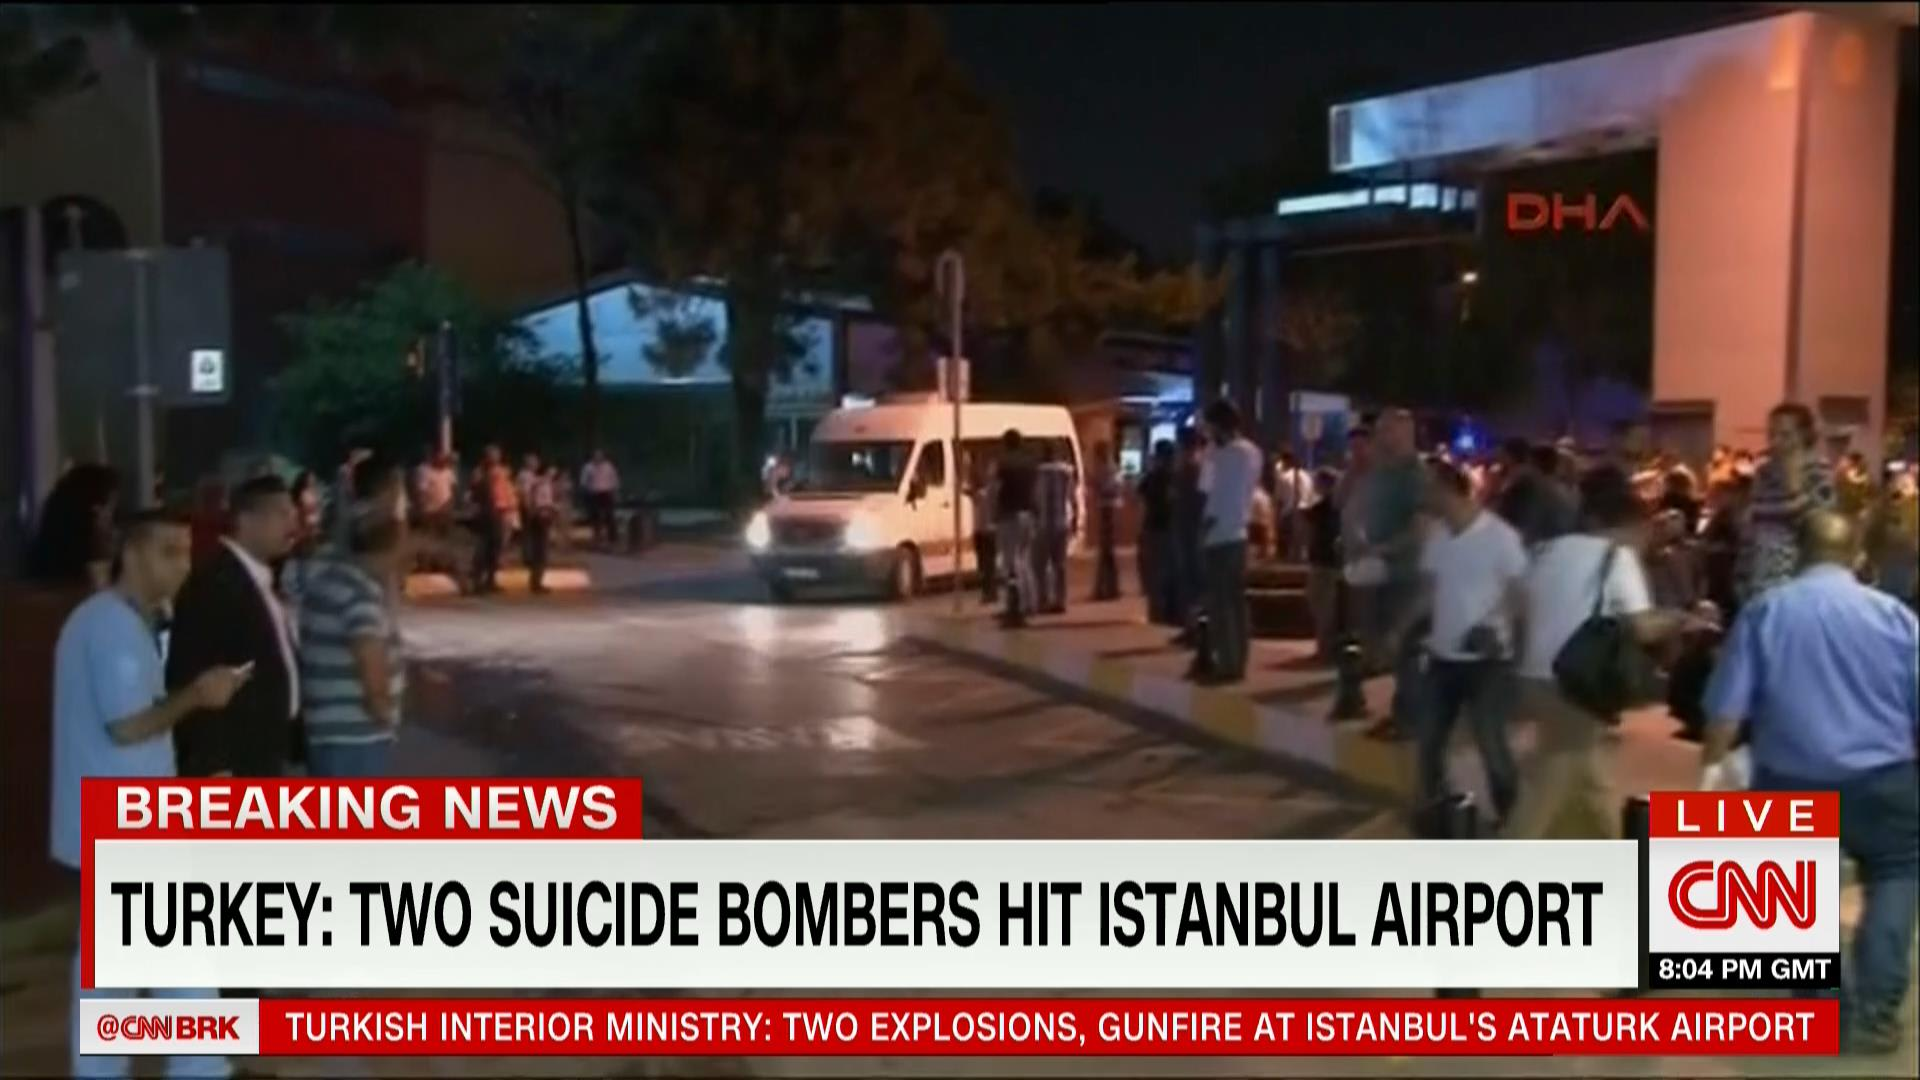 بالصور: المشاهد الأولية لثلاثة تفجيرات انتحارية في مطار أتاتورك الدولي بإسطنبول